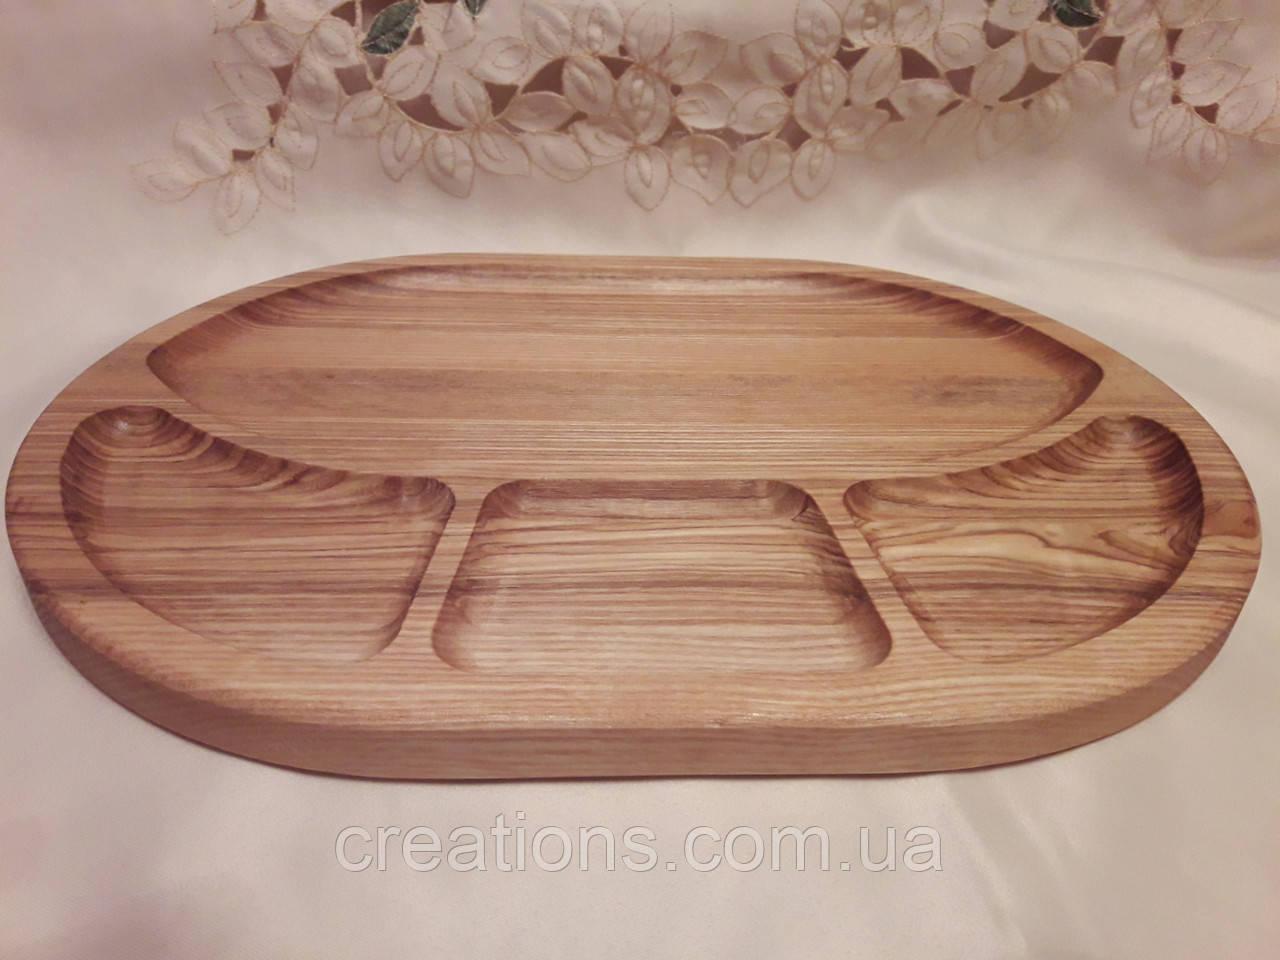 Менажниця дерев'яна 35х25 см. на 4 секції з черешні, ясена